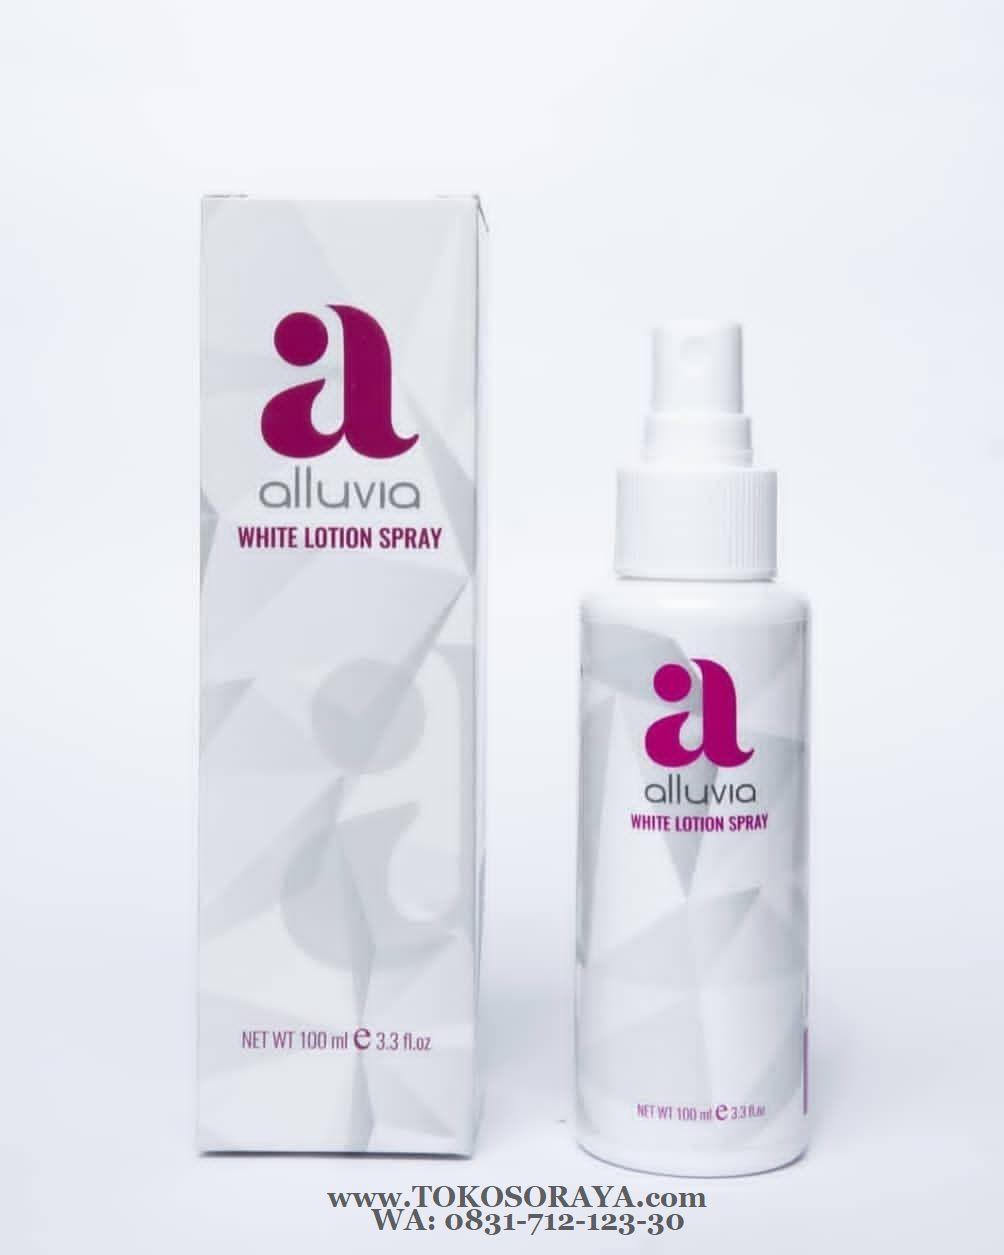 photo produk alluvia white lotion spray